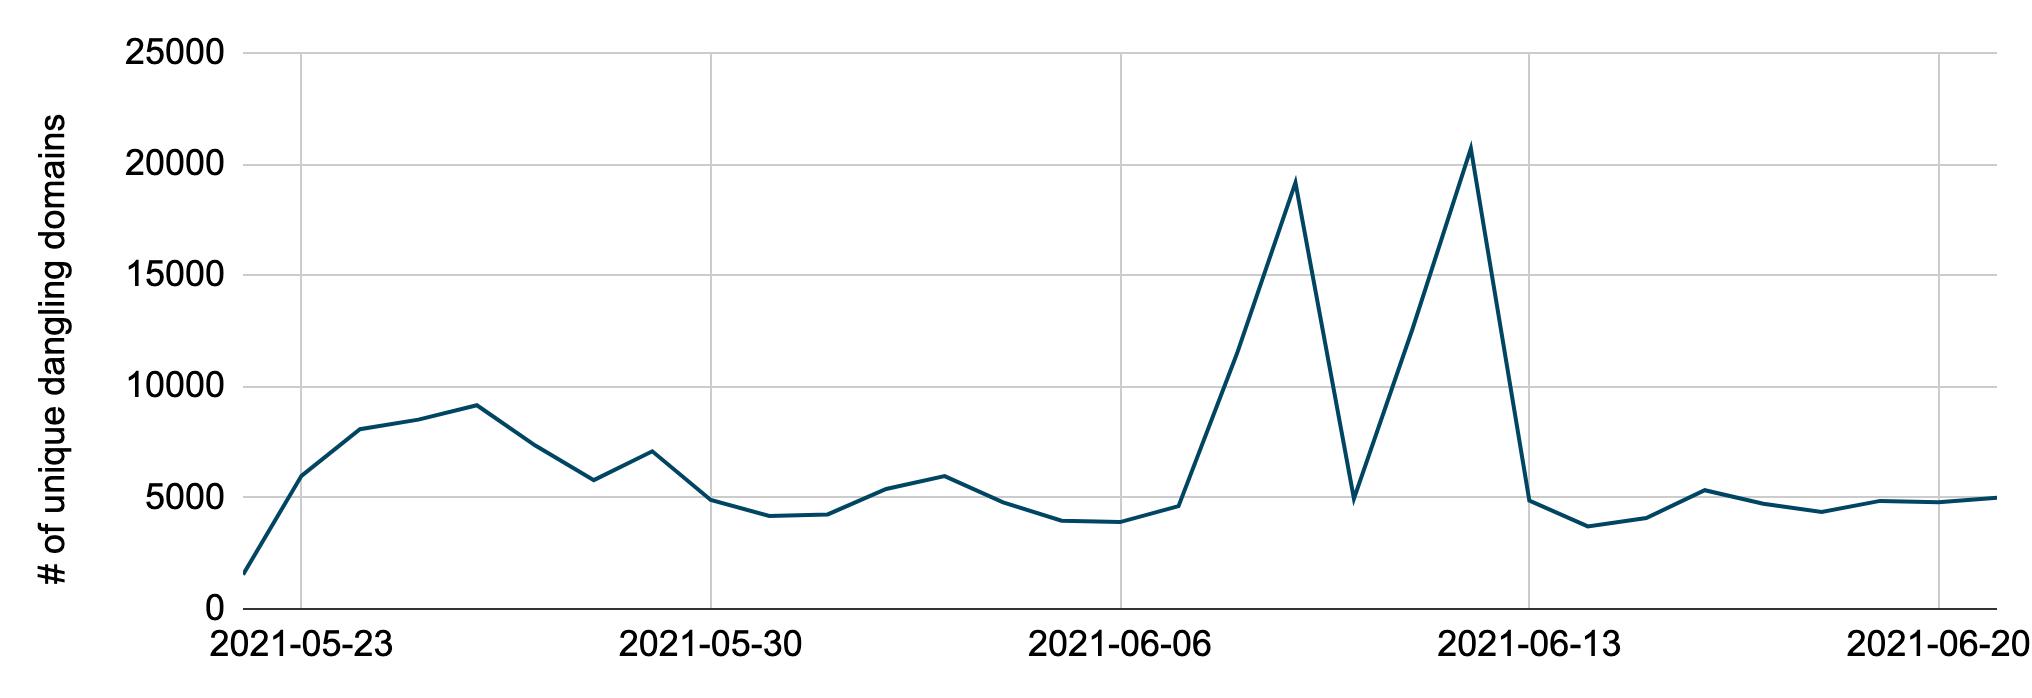 5月22日から6月21日までの各日に解決されたユニークなダングリングドメインの数。1つのドメインに起因する2つのスパイク(6月9日と6月12日)を含み、この2日間で11,000以上のユニークなダングリングサブドメインに相当する。